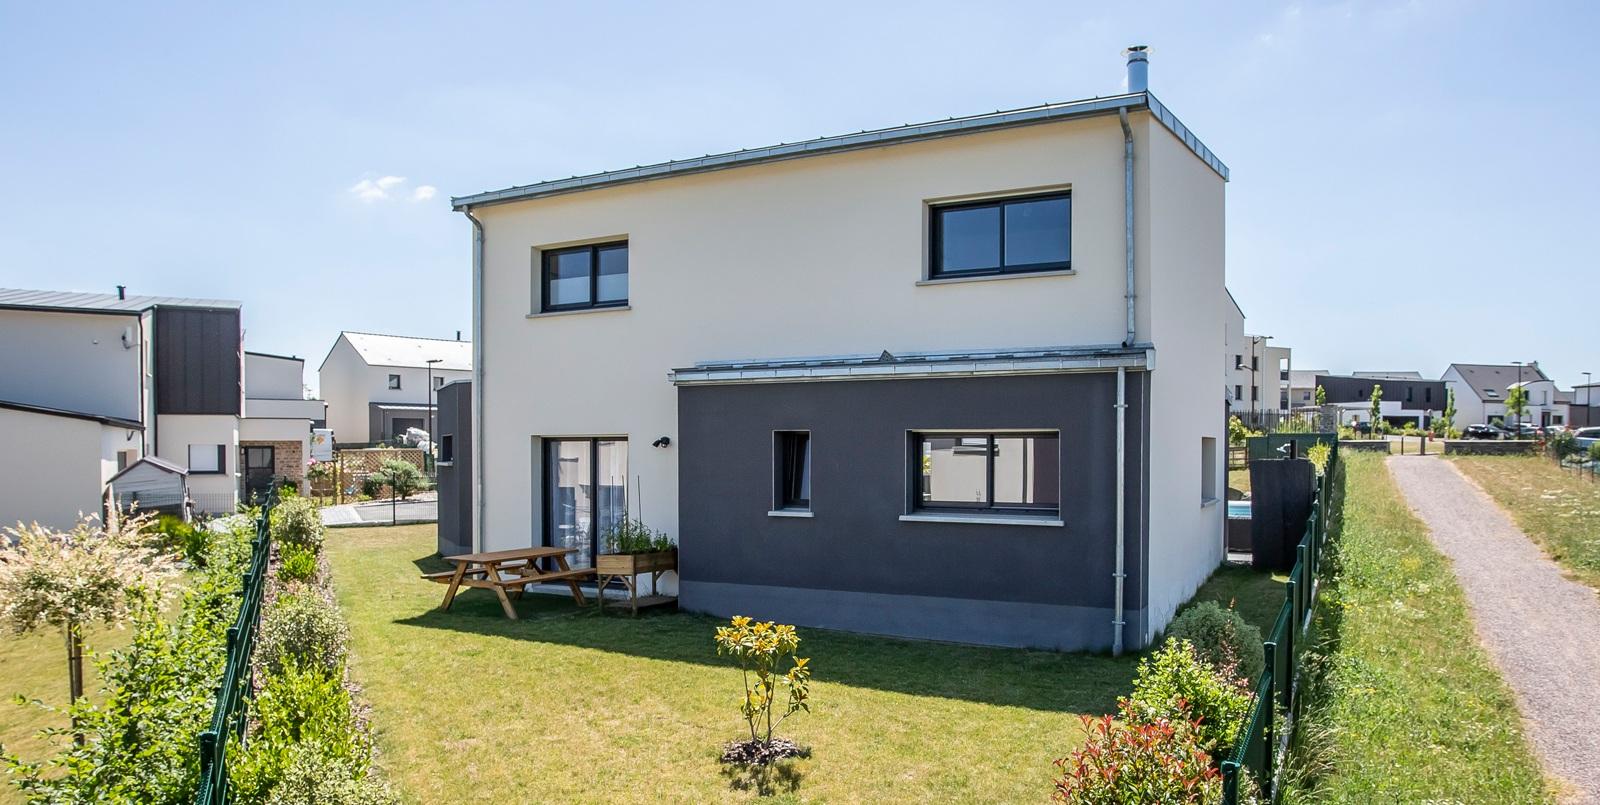 Maison toute hauteur avec toiture monopente